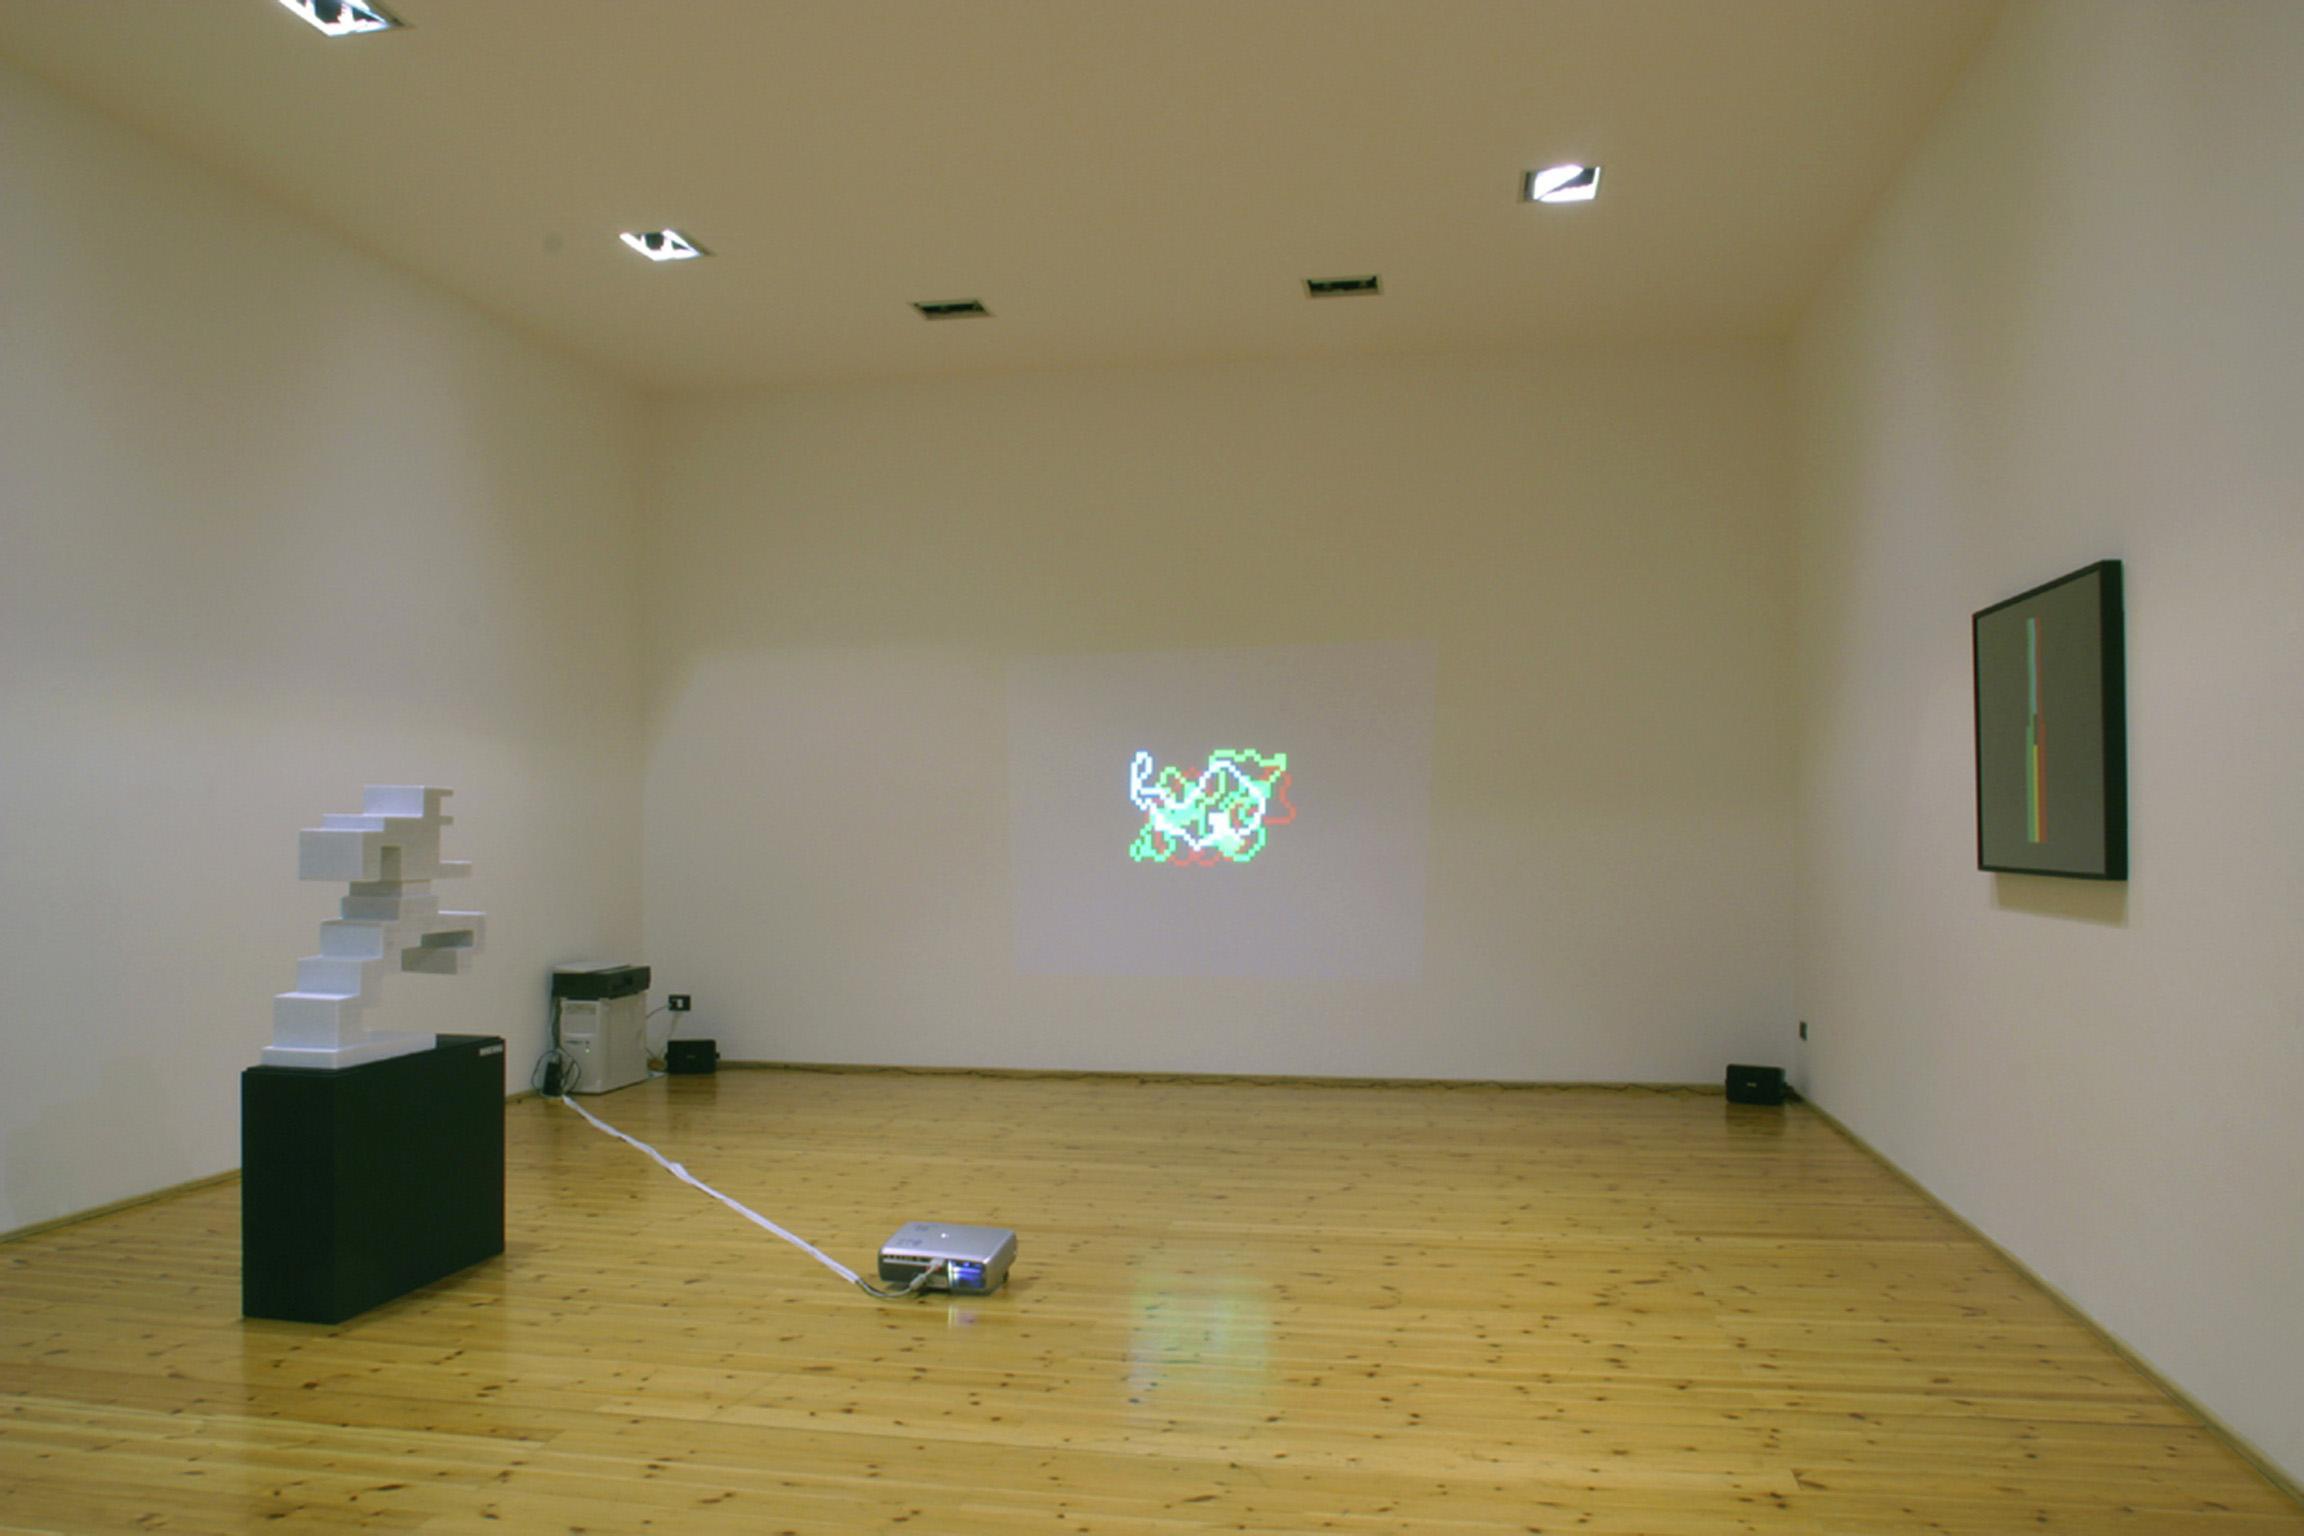 Michele Chiossi W.T.O.installazione arte contemporanea scultura video proiezione zigzag pixel videogame uomo in corsa mappe organizzazione mondiale del commercio disegni dipinti quadro